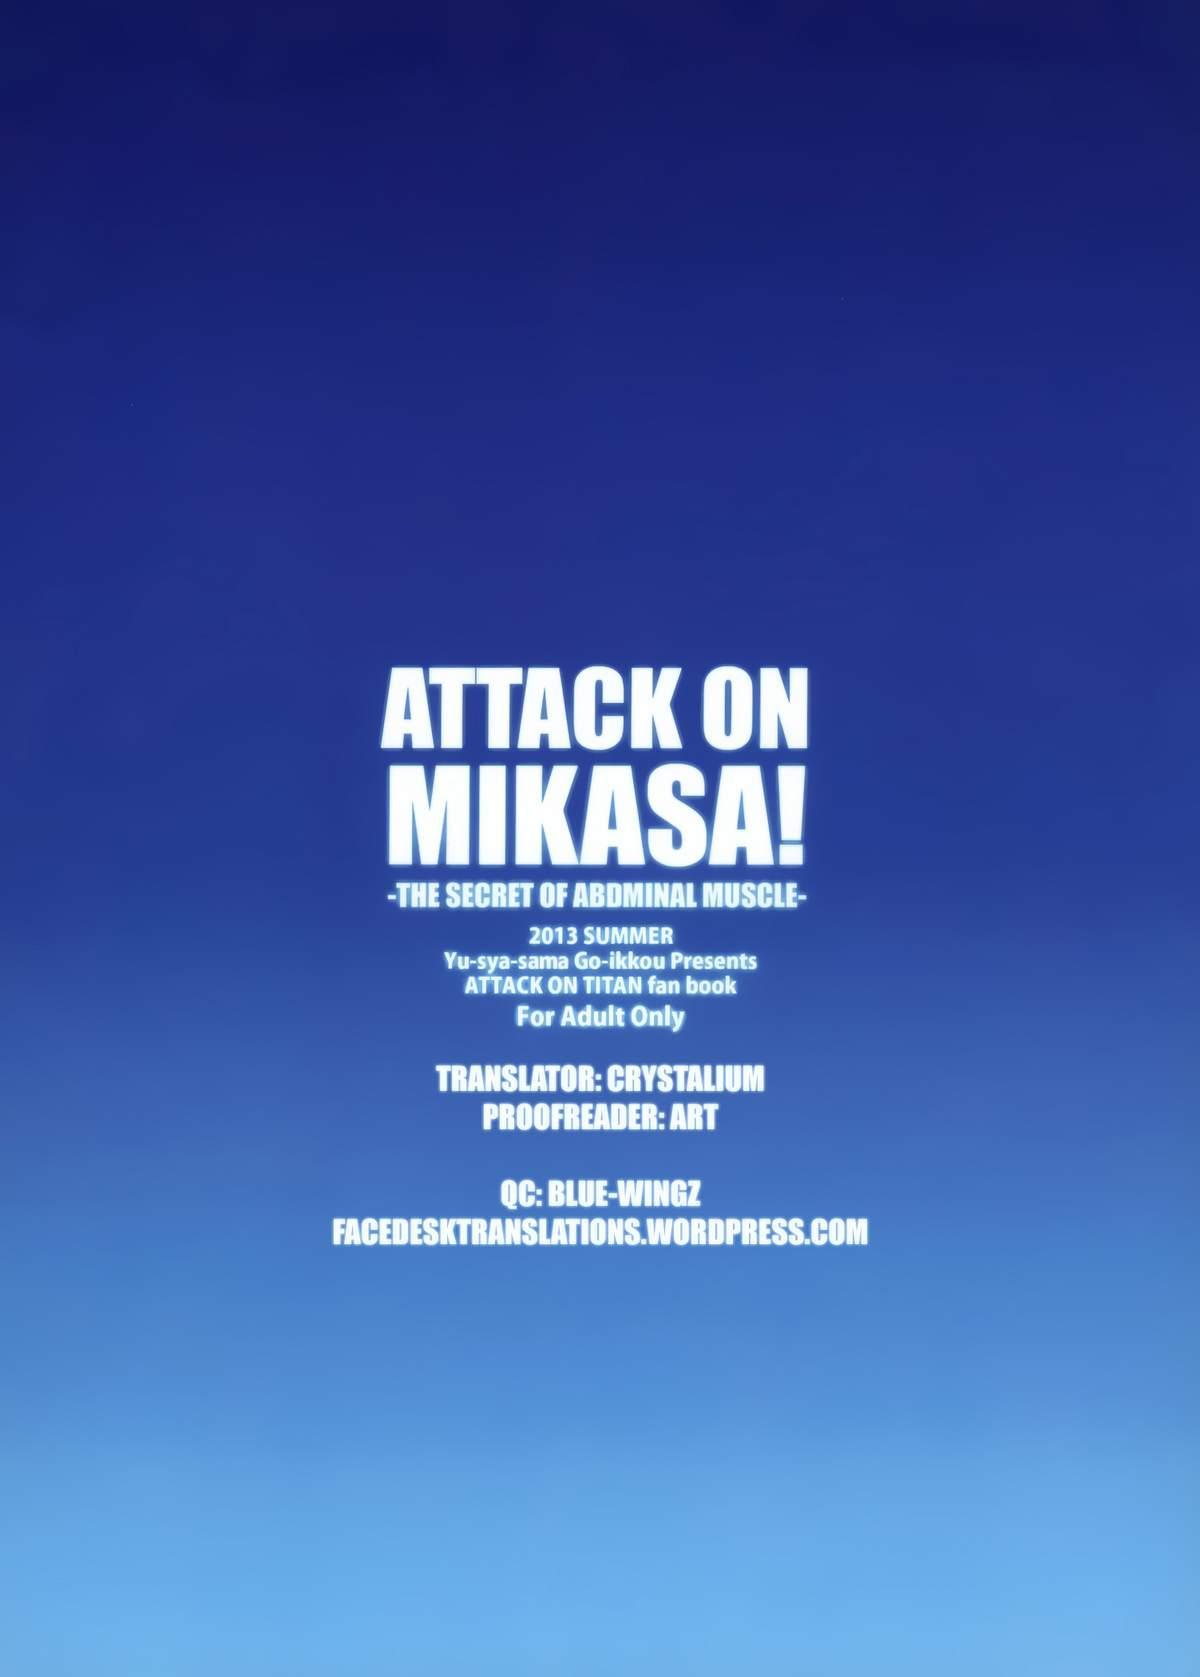 ATTACK ON MIKASA 25